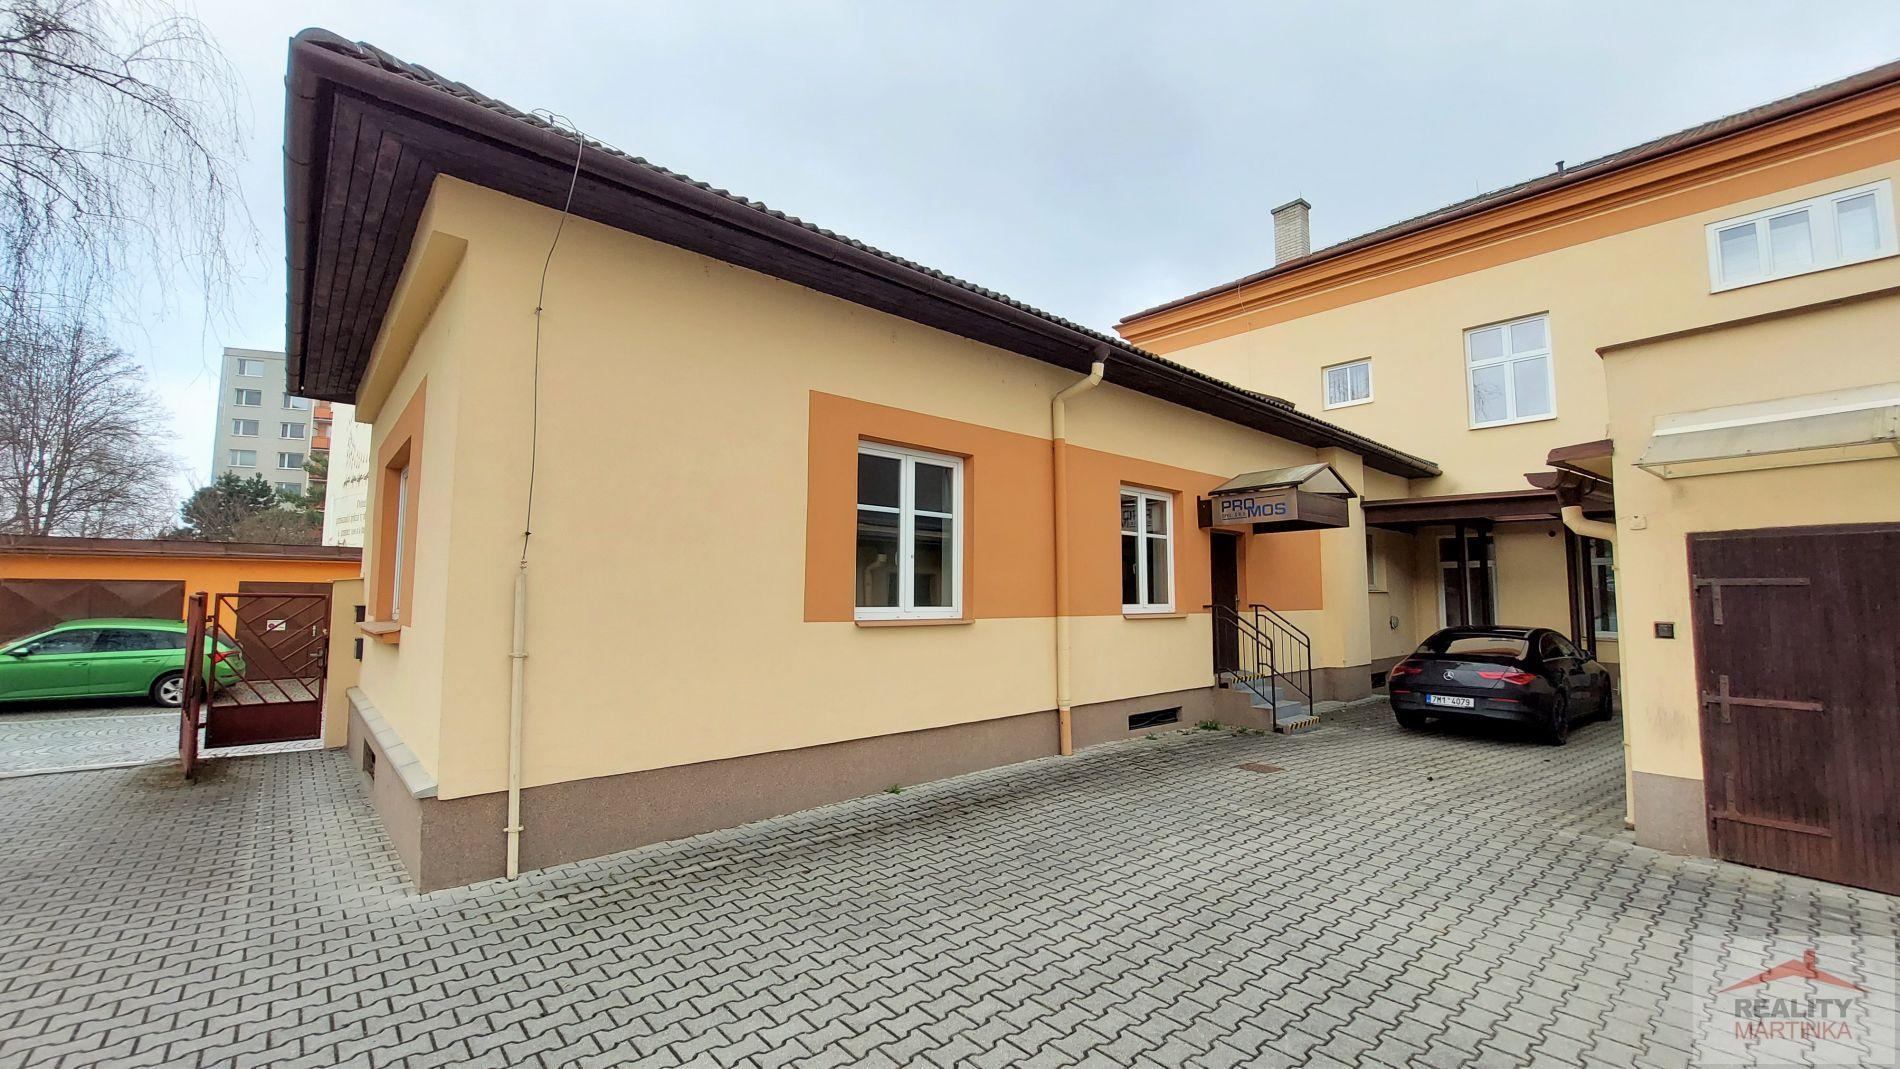 Pronájem nebytových prostor 100 m2, Valašské Meziříčí, ul. Nová